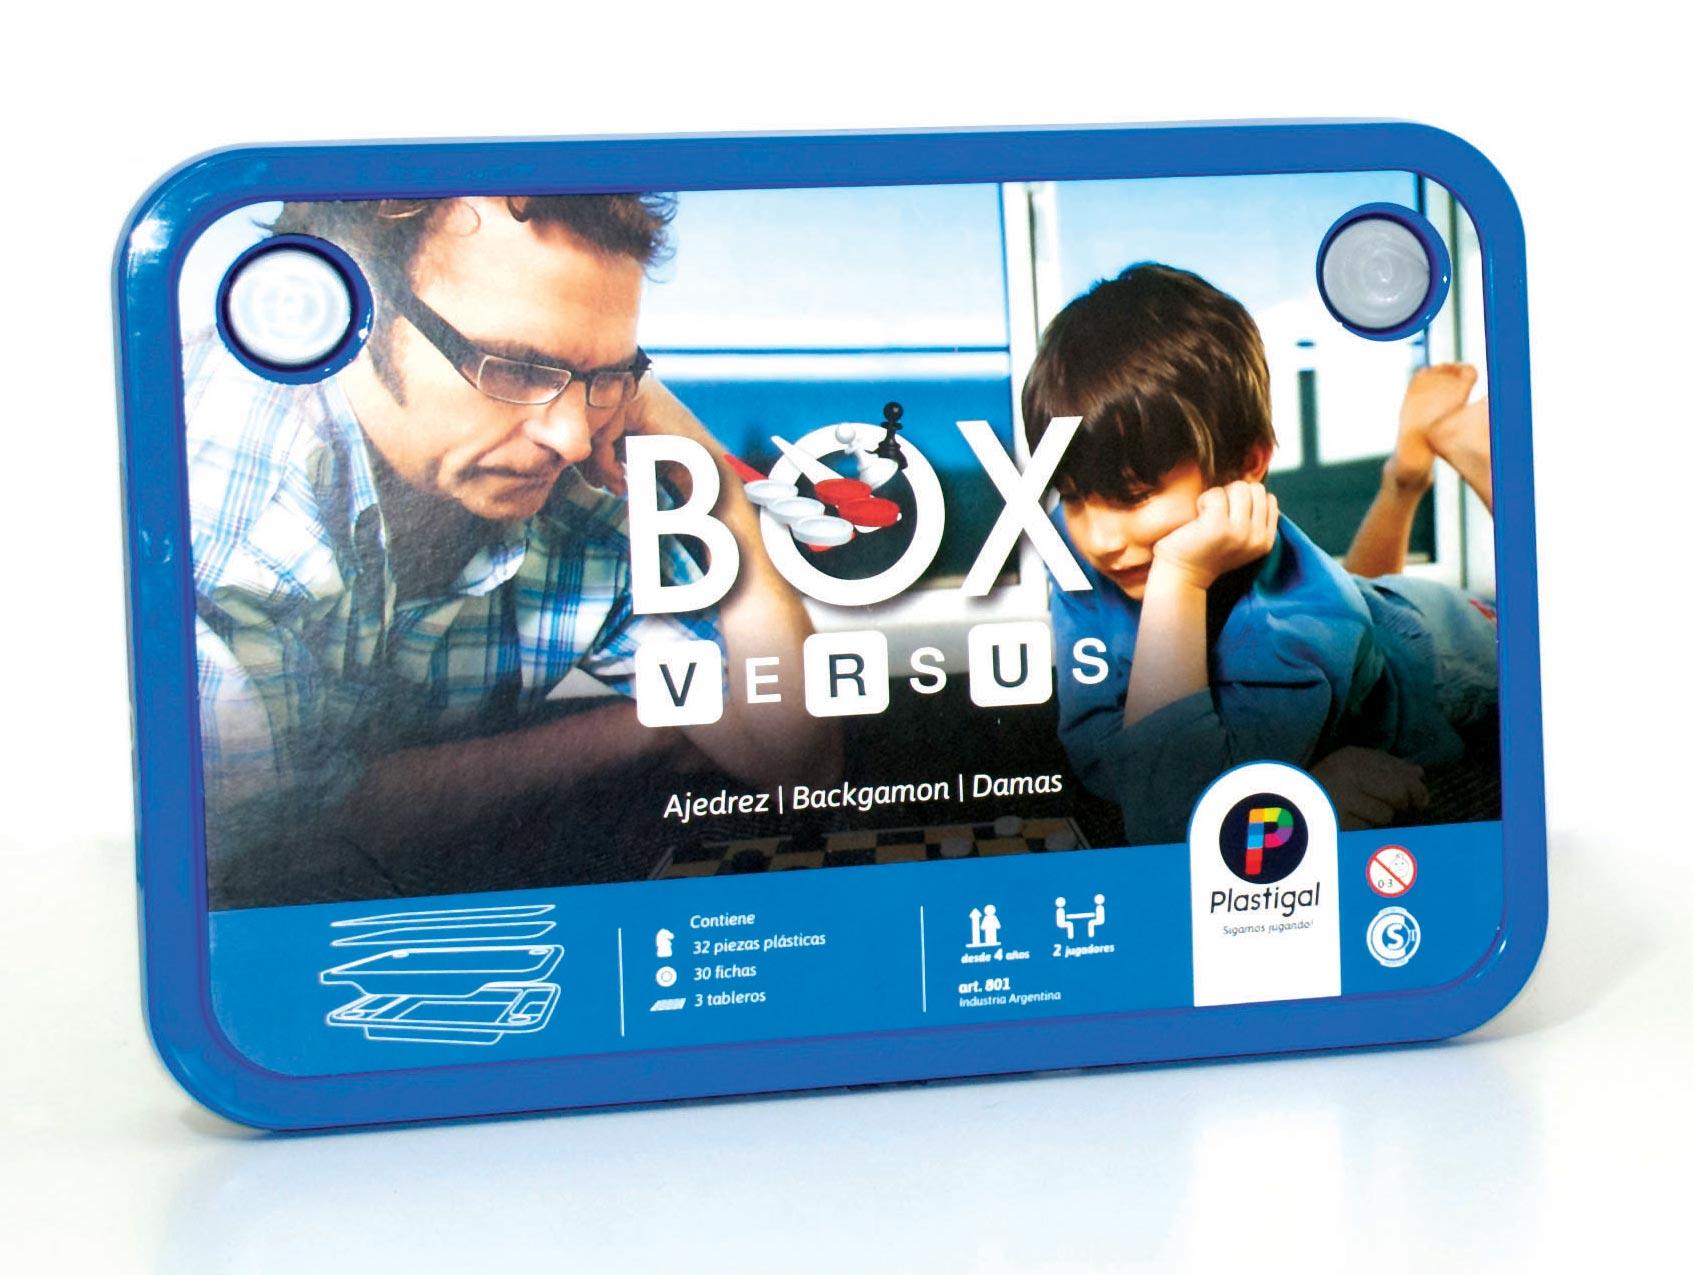 BOX Versus